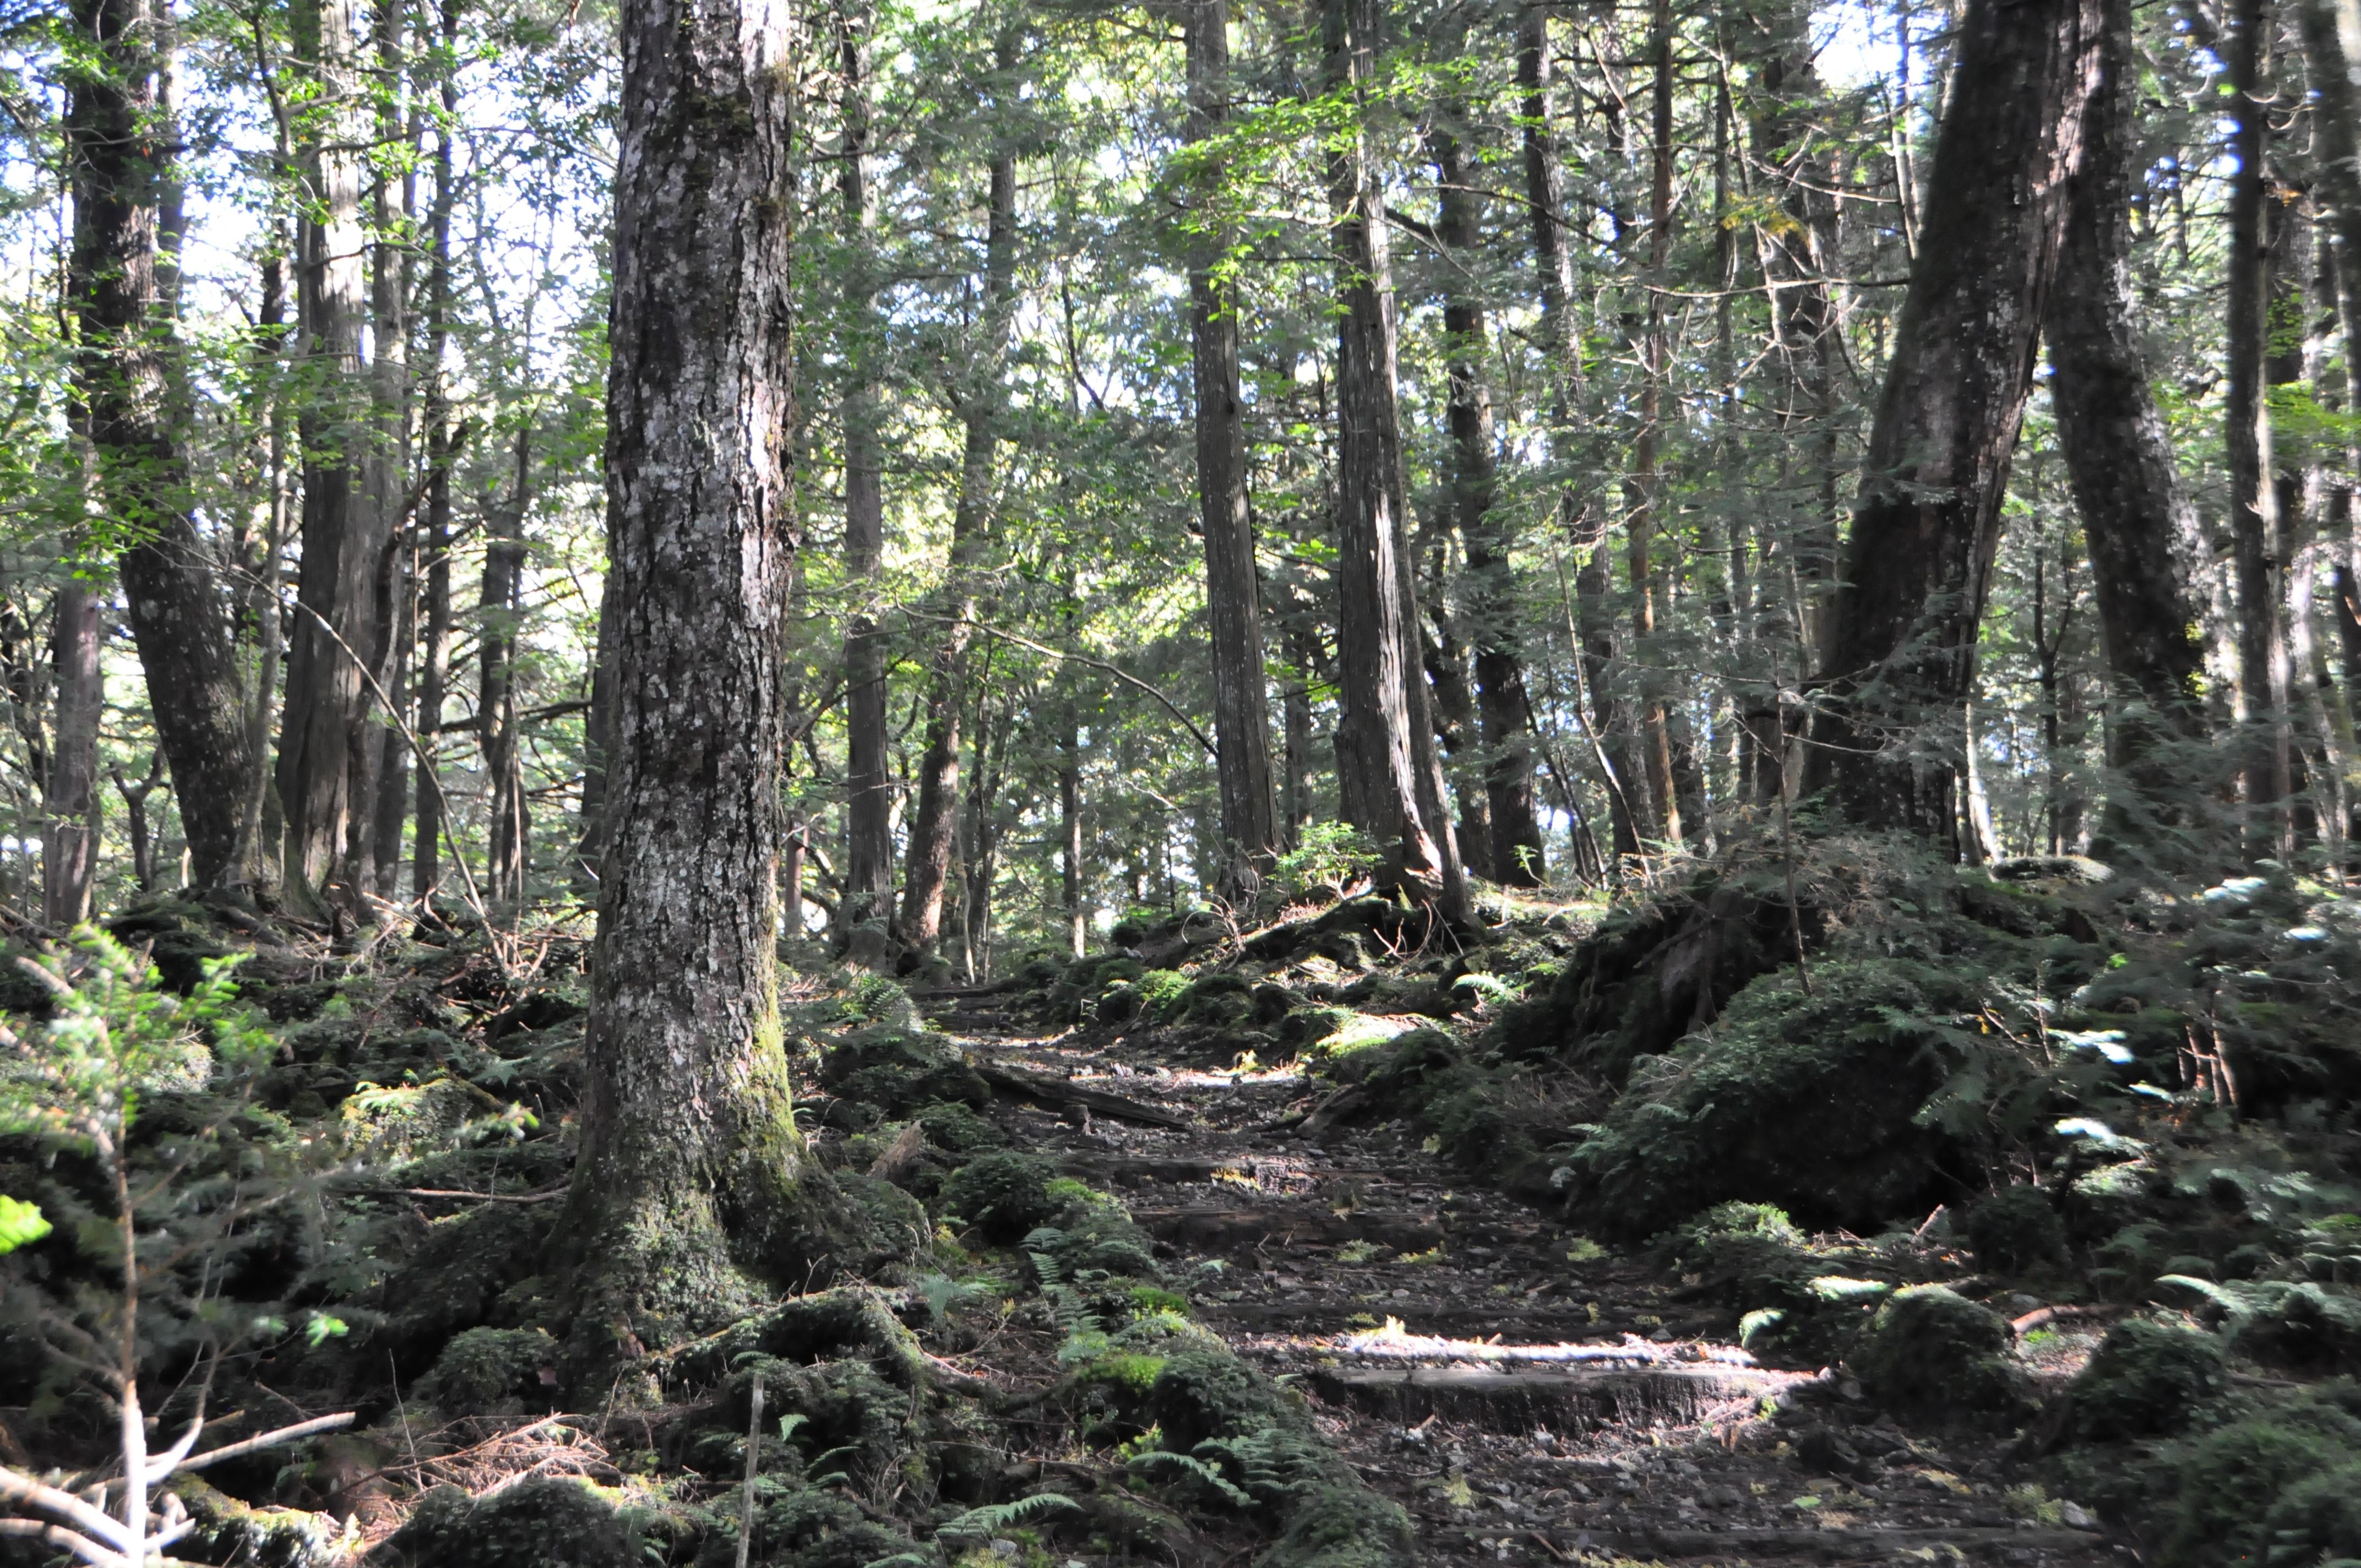 「第14回富士山麓トレイルラン」「第12回富士山原始林トレイルランin精進湖・本栖湖」大会中止